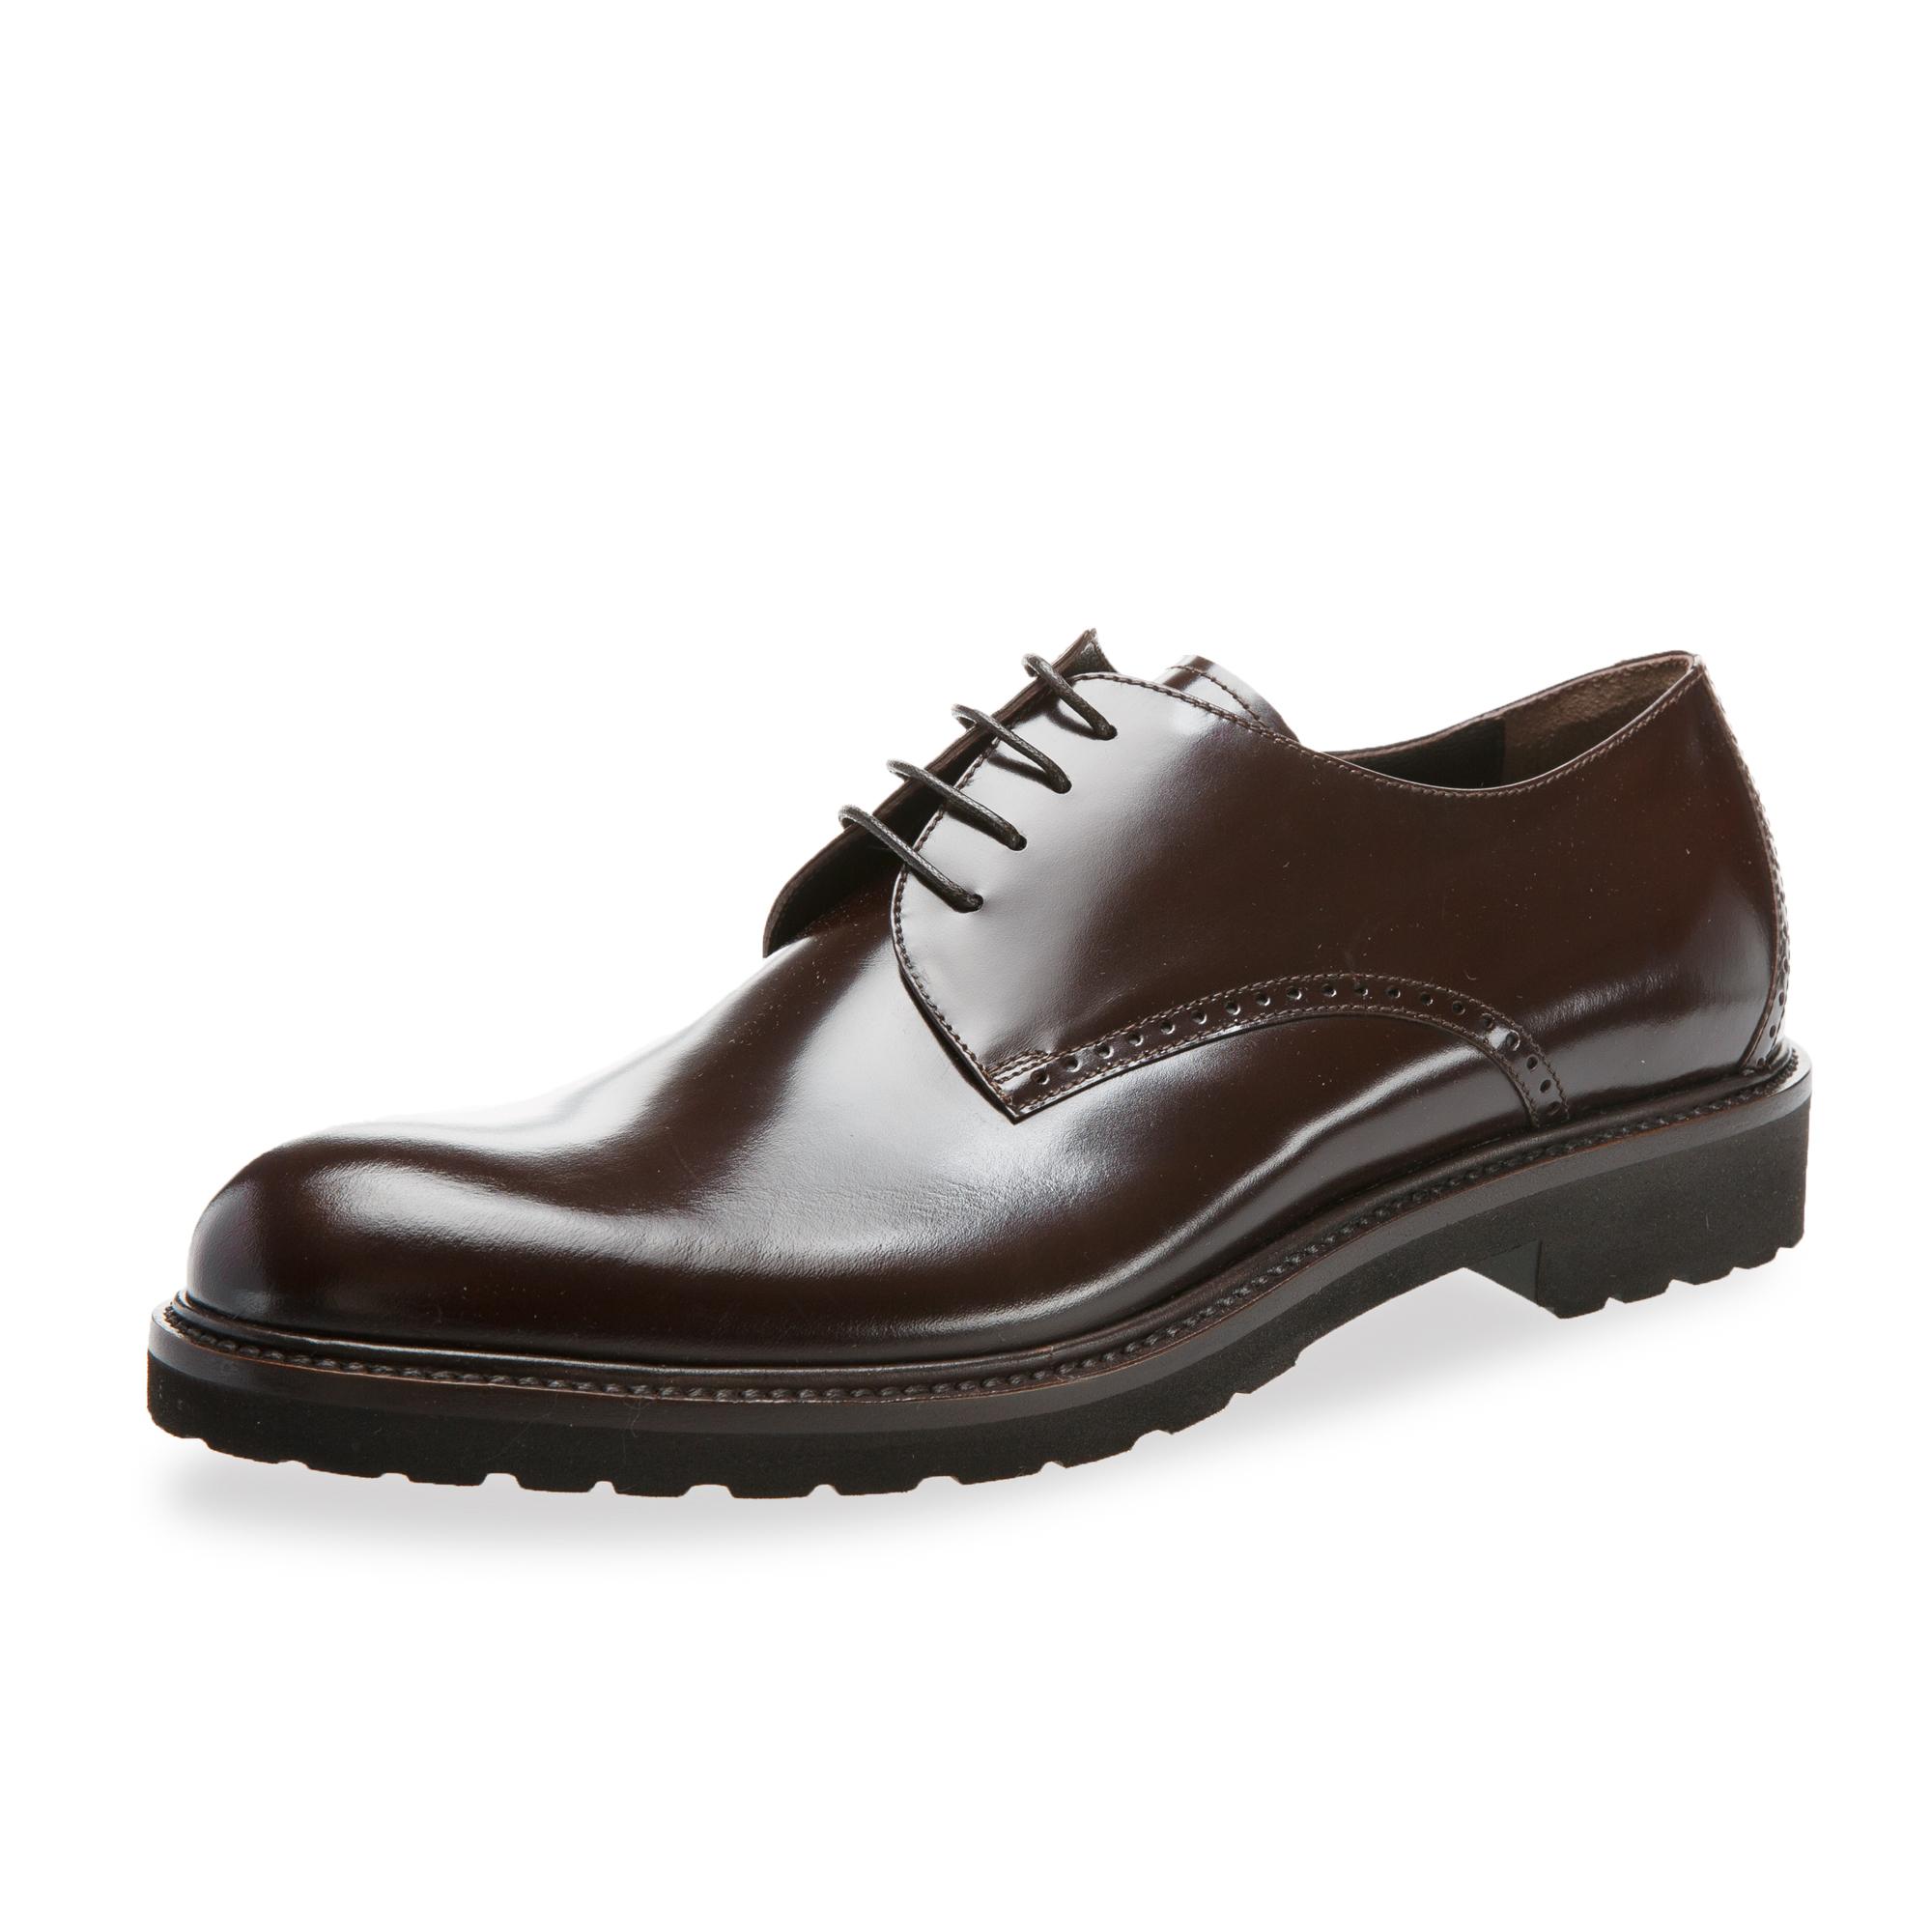 意大利原产germano bellesi圆头牛皮鞋男士皮鞋708 深棕色 41